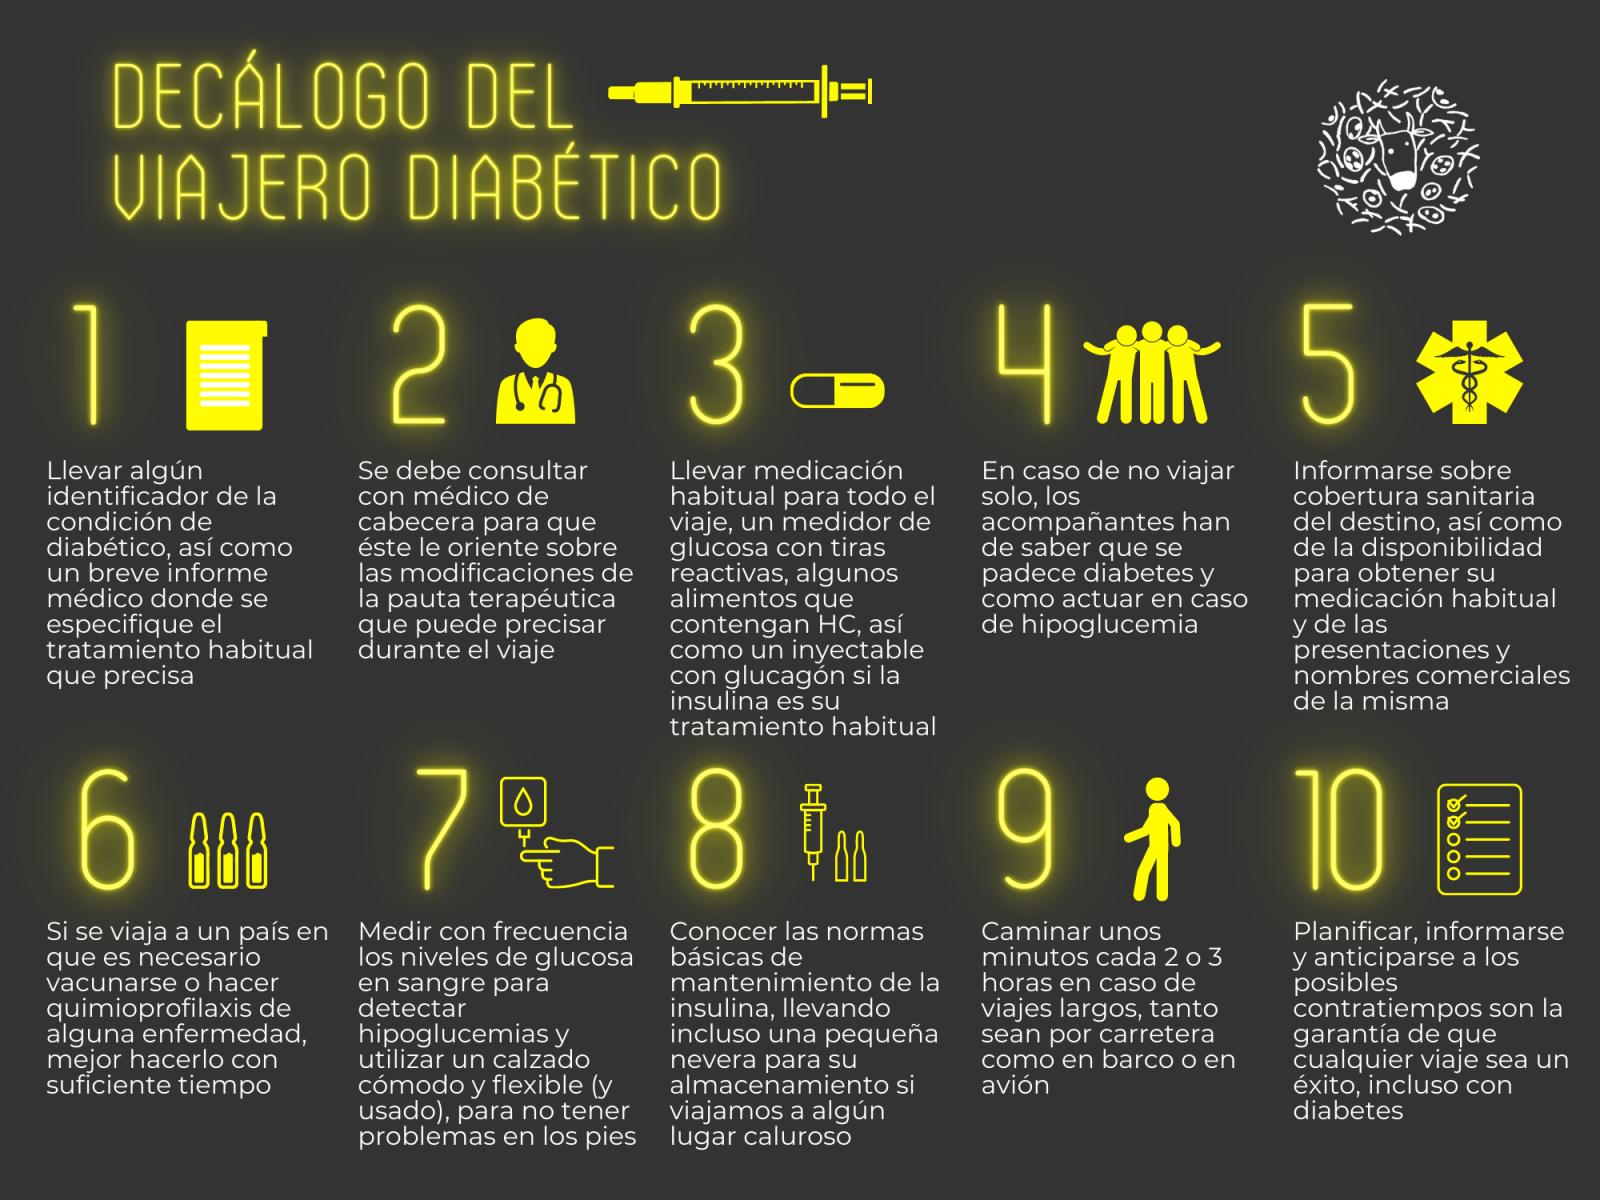 Decálogo del viajero diabético